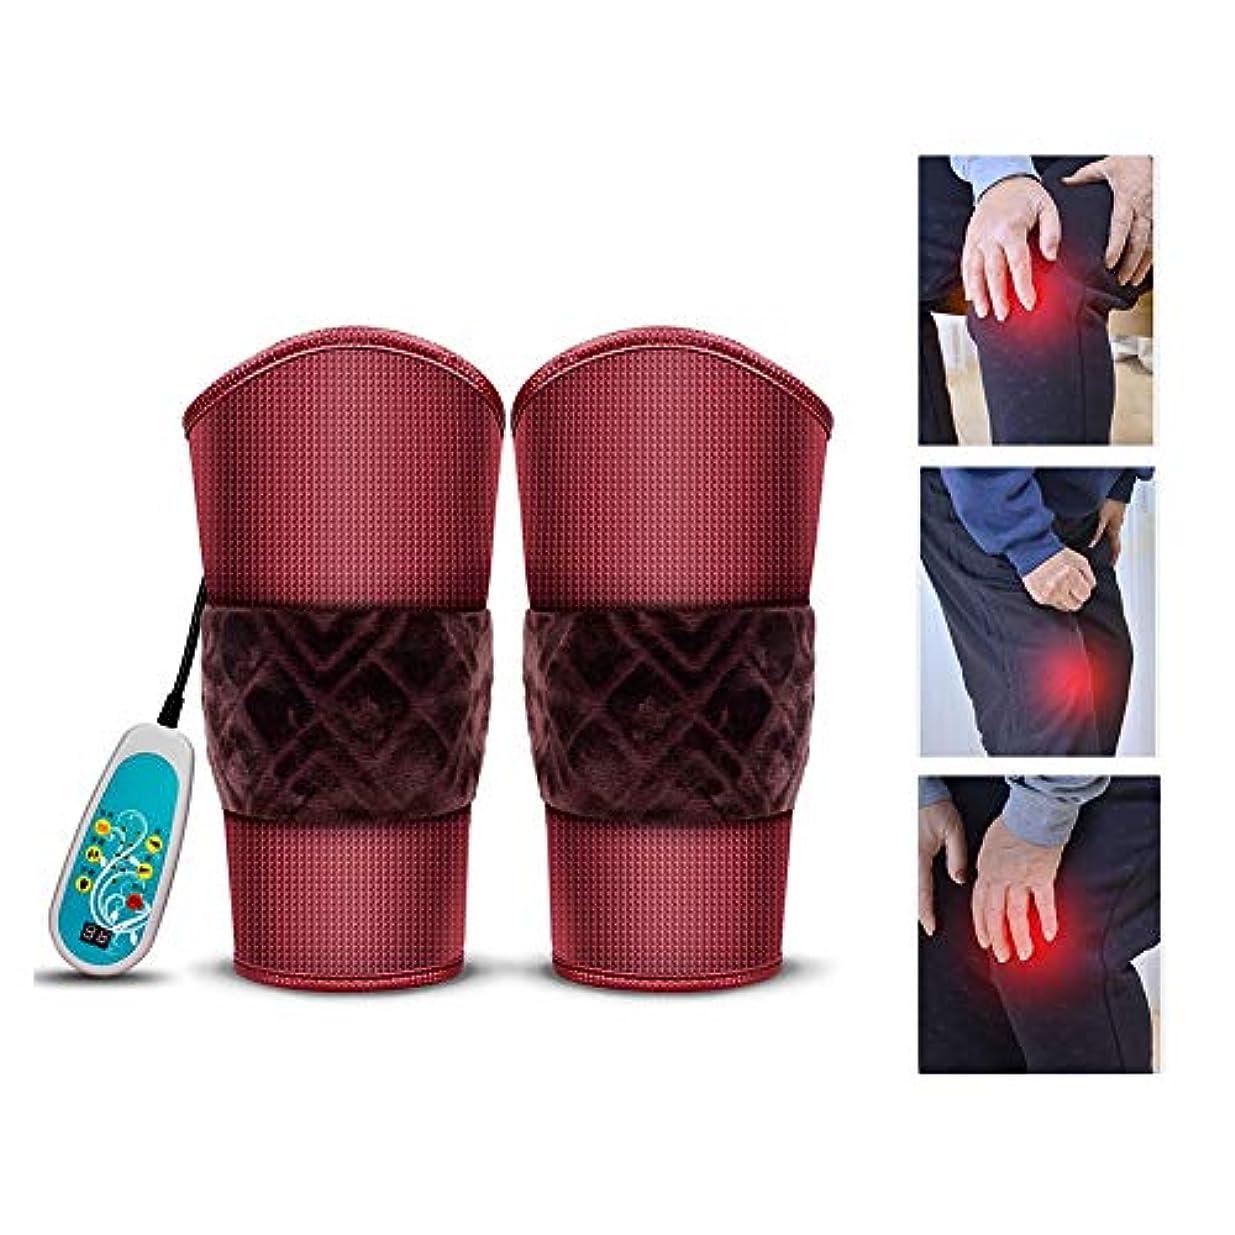 鉛筆ミサイル是正する加熱膝ブレースサポート - 膝ウォームラップヒーテッドパッド - 9マッサージモードと3ファイル温度のセラピーマッサージャー、膝の怪我、痛みの軽減